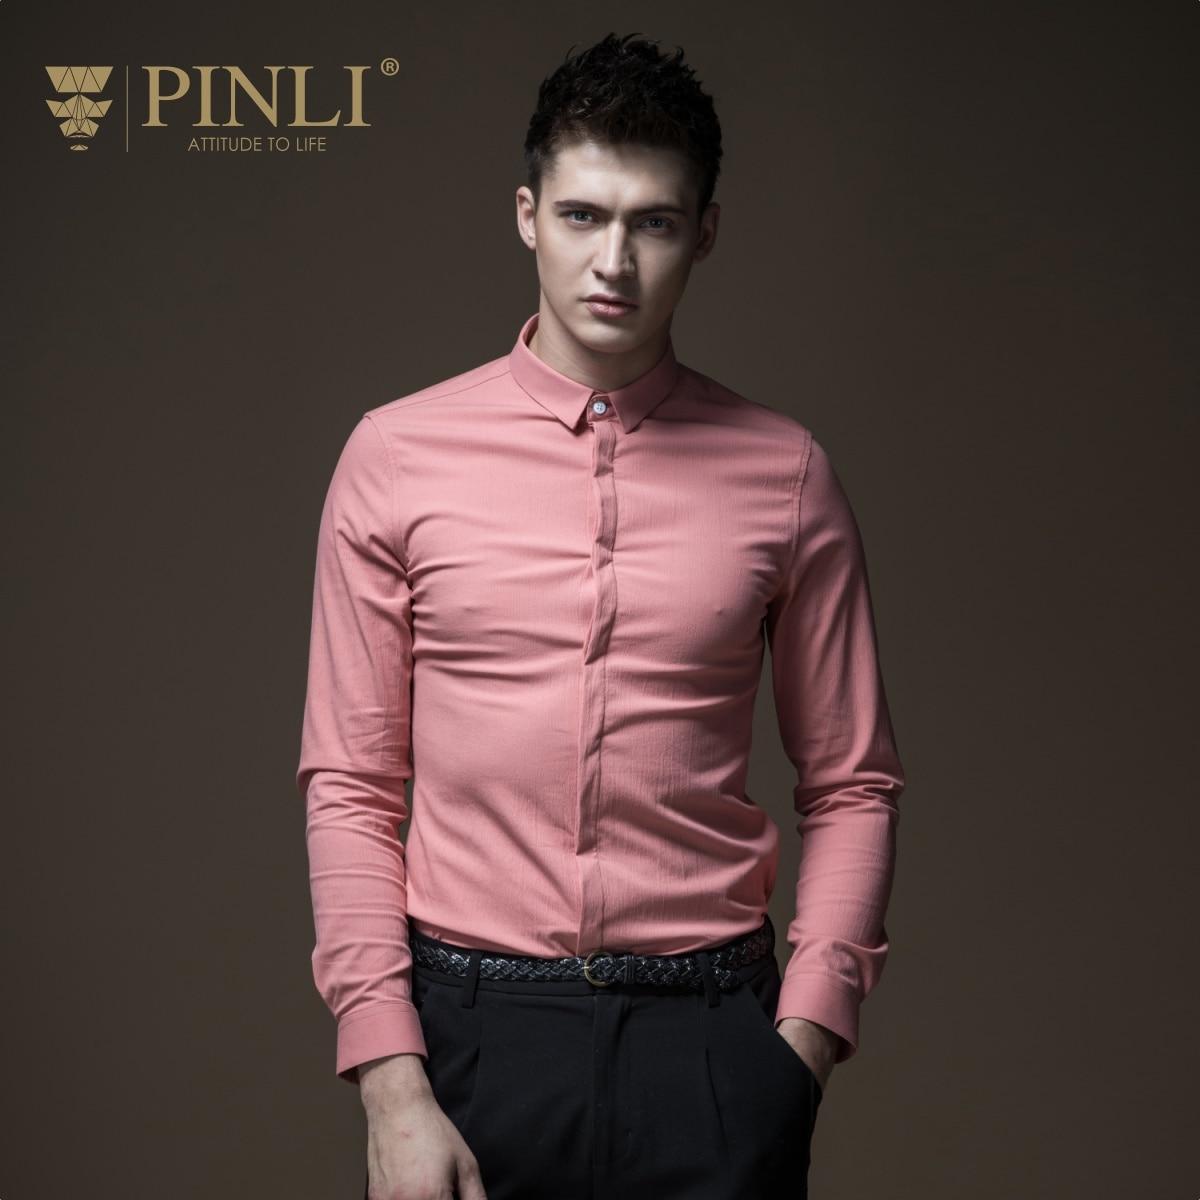 2019 chemise hawaïenne Pinli Pin Li nouvelle chemise d'automne, col mâle, couleur Pure, coupe ajustée, veste à manches longues, B183213376